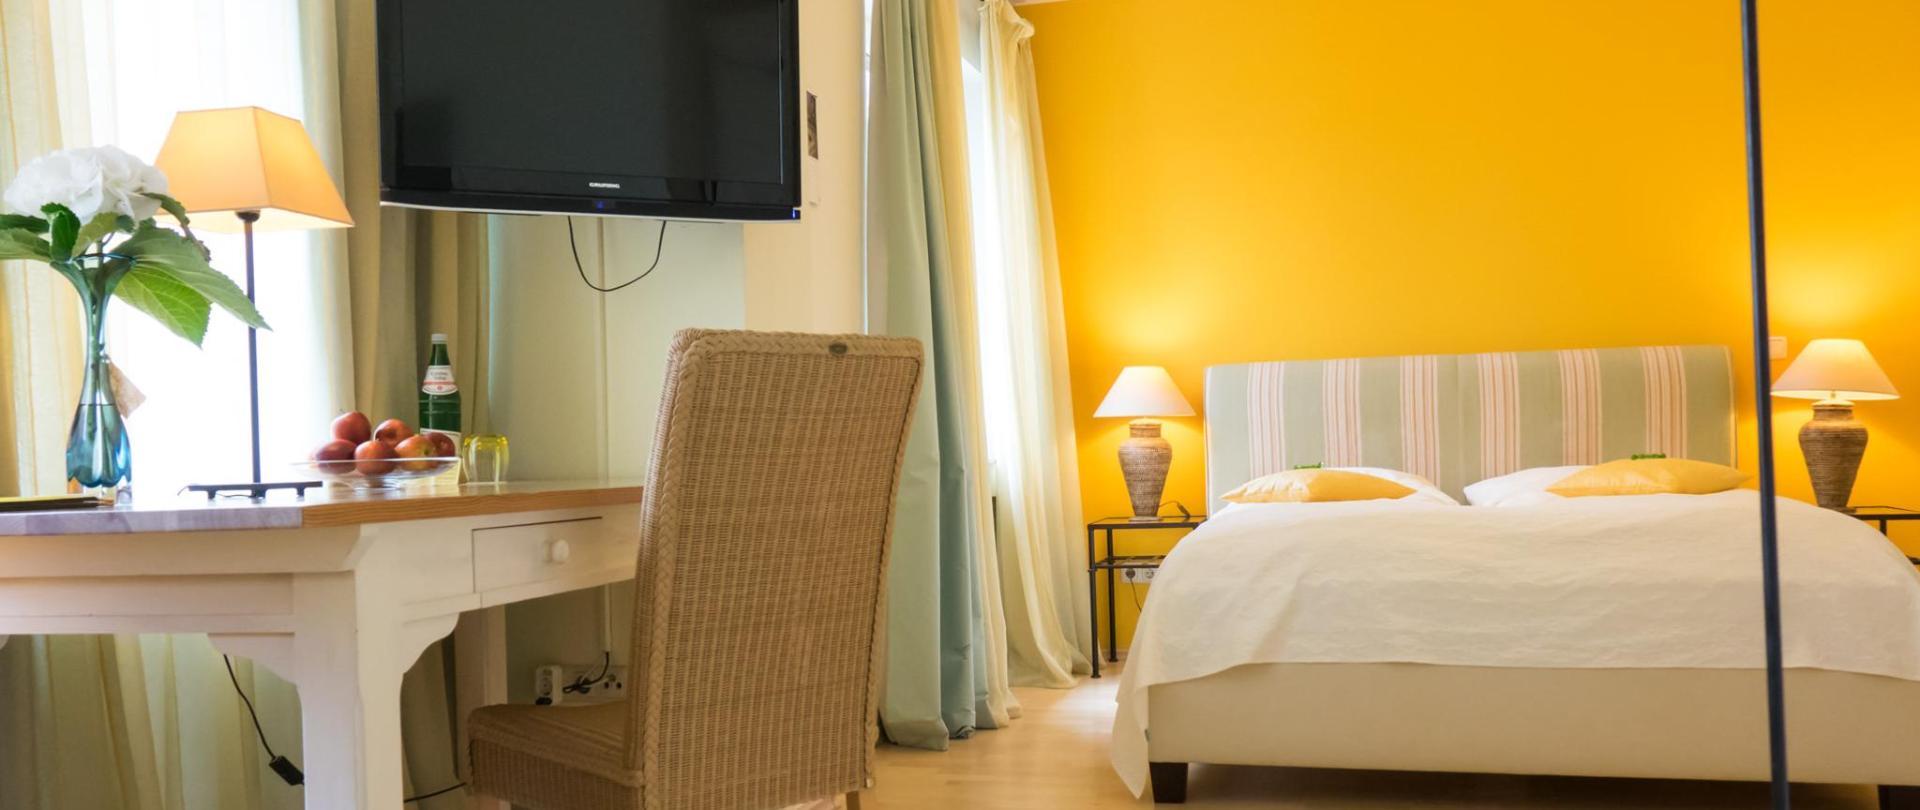 hotel-3koenige-aachen-zimmer_32-liege_02.jpg